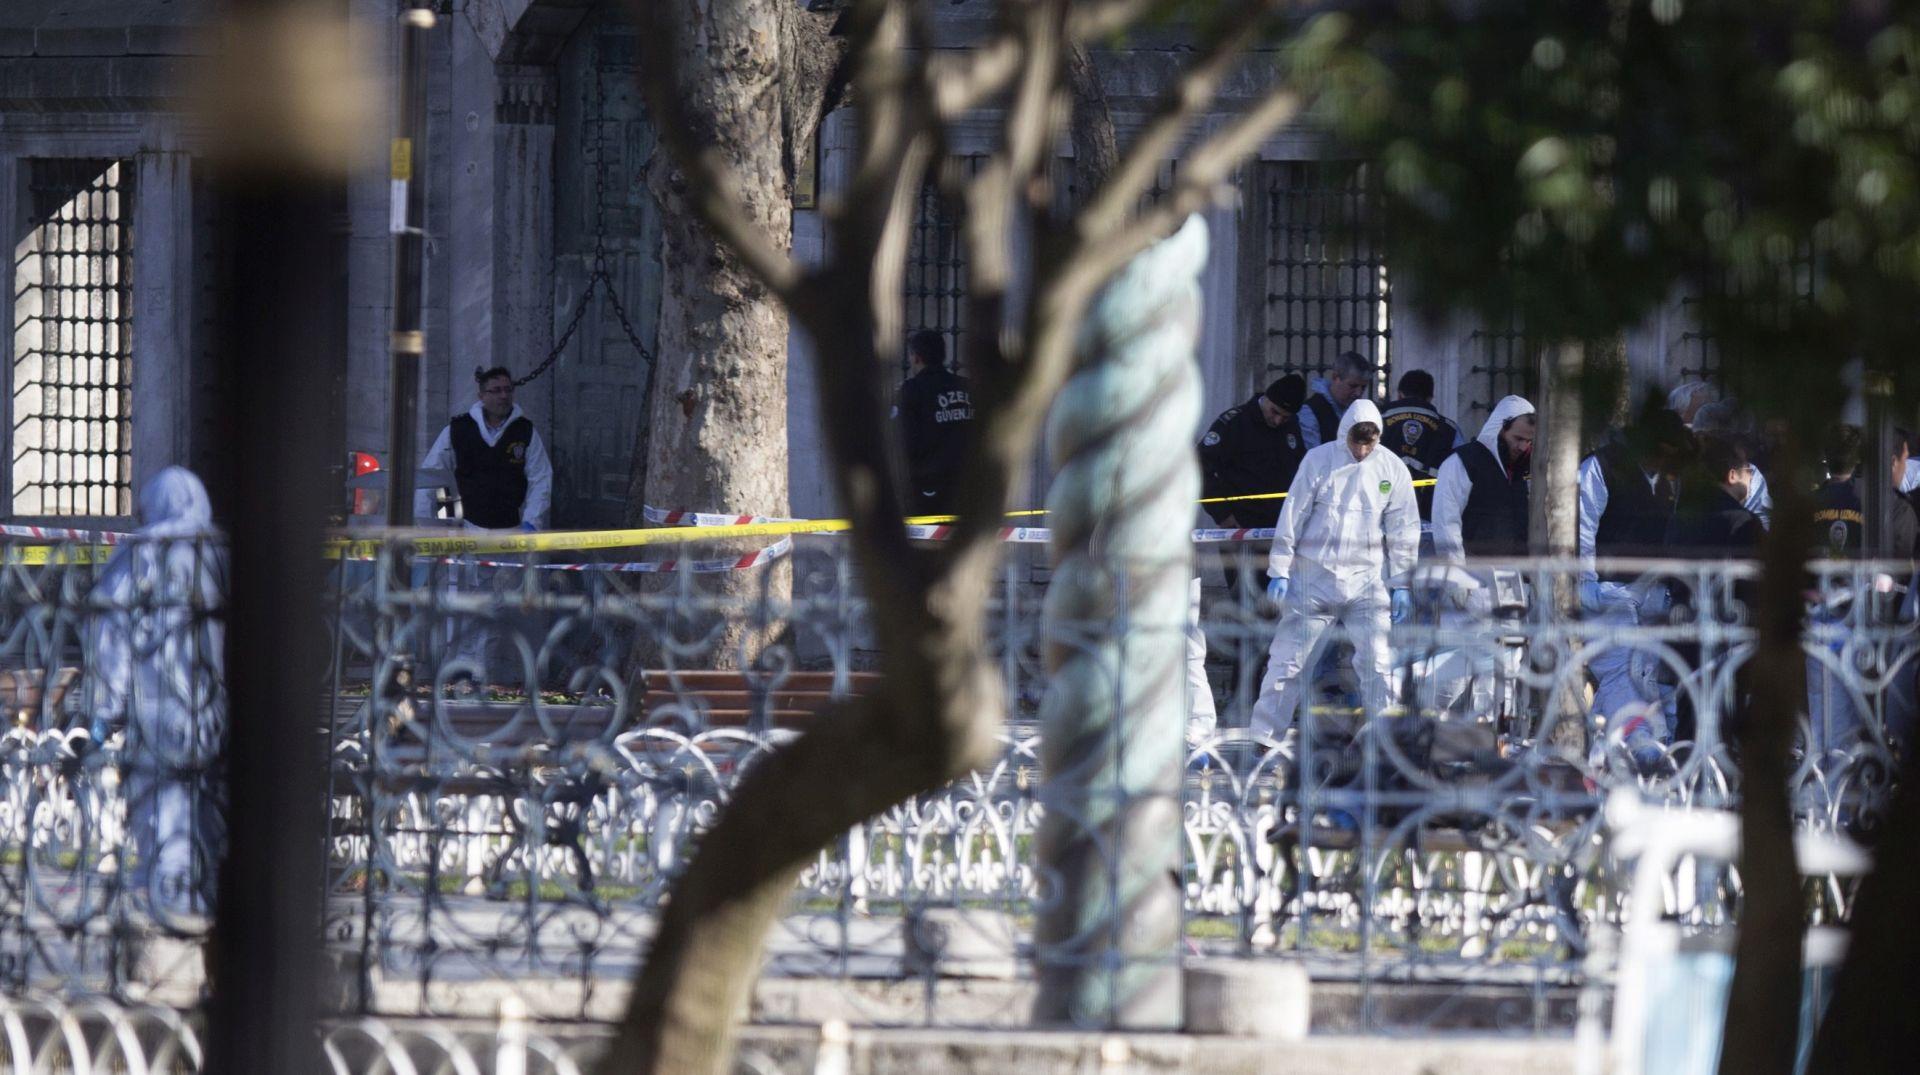 VIDEO: VELIKA EKSPLOZIJA U CENTRU ISTANBULA Najmanje 10 mrtvih, bombaš samoubojica podrijetlom iz Sirije